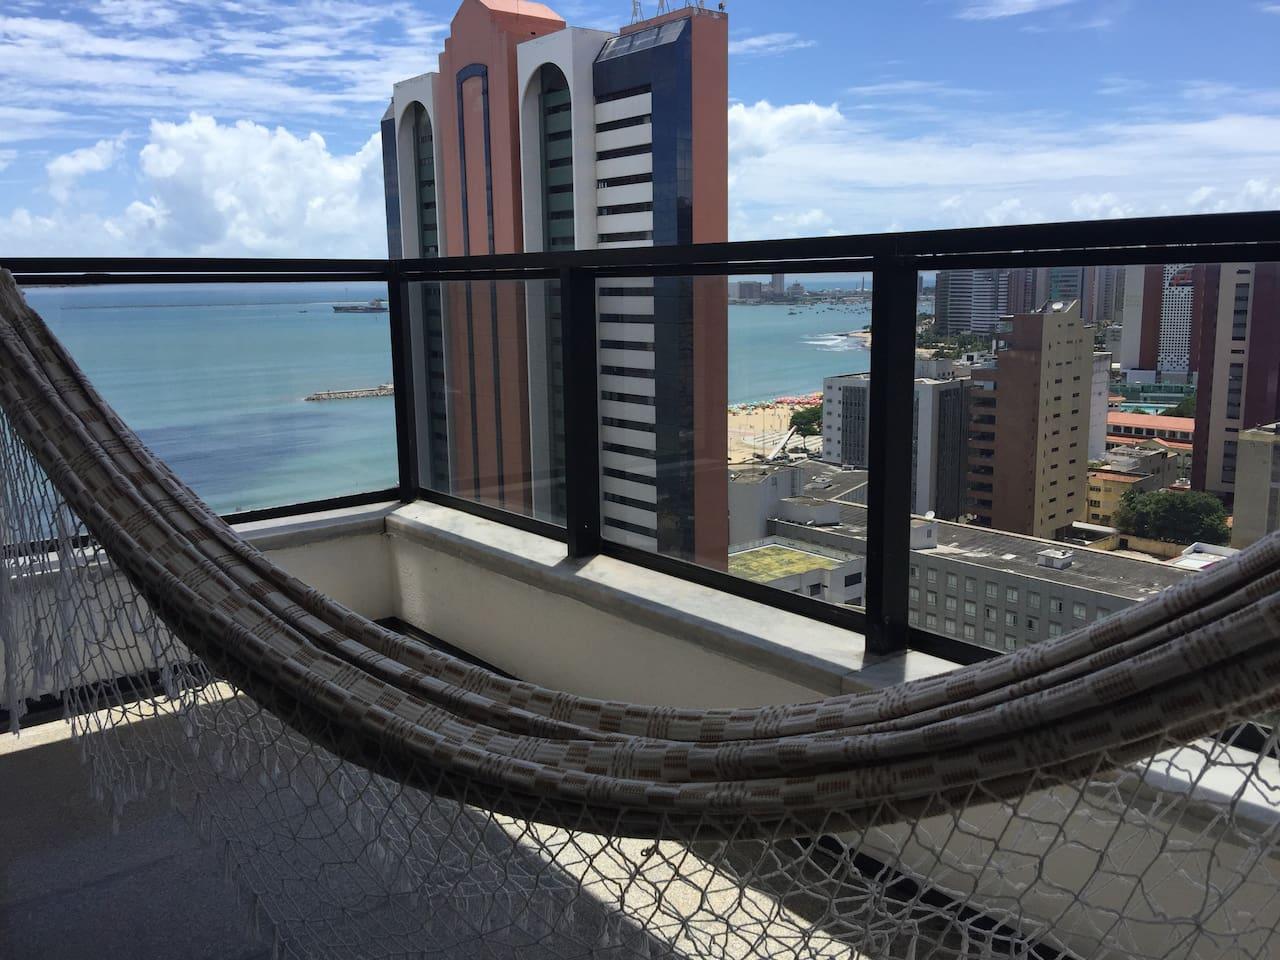 Vista da Varanda do apartamento com rede